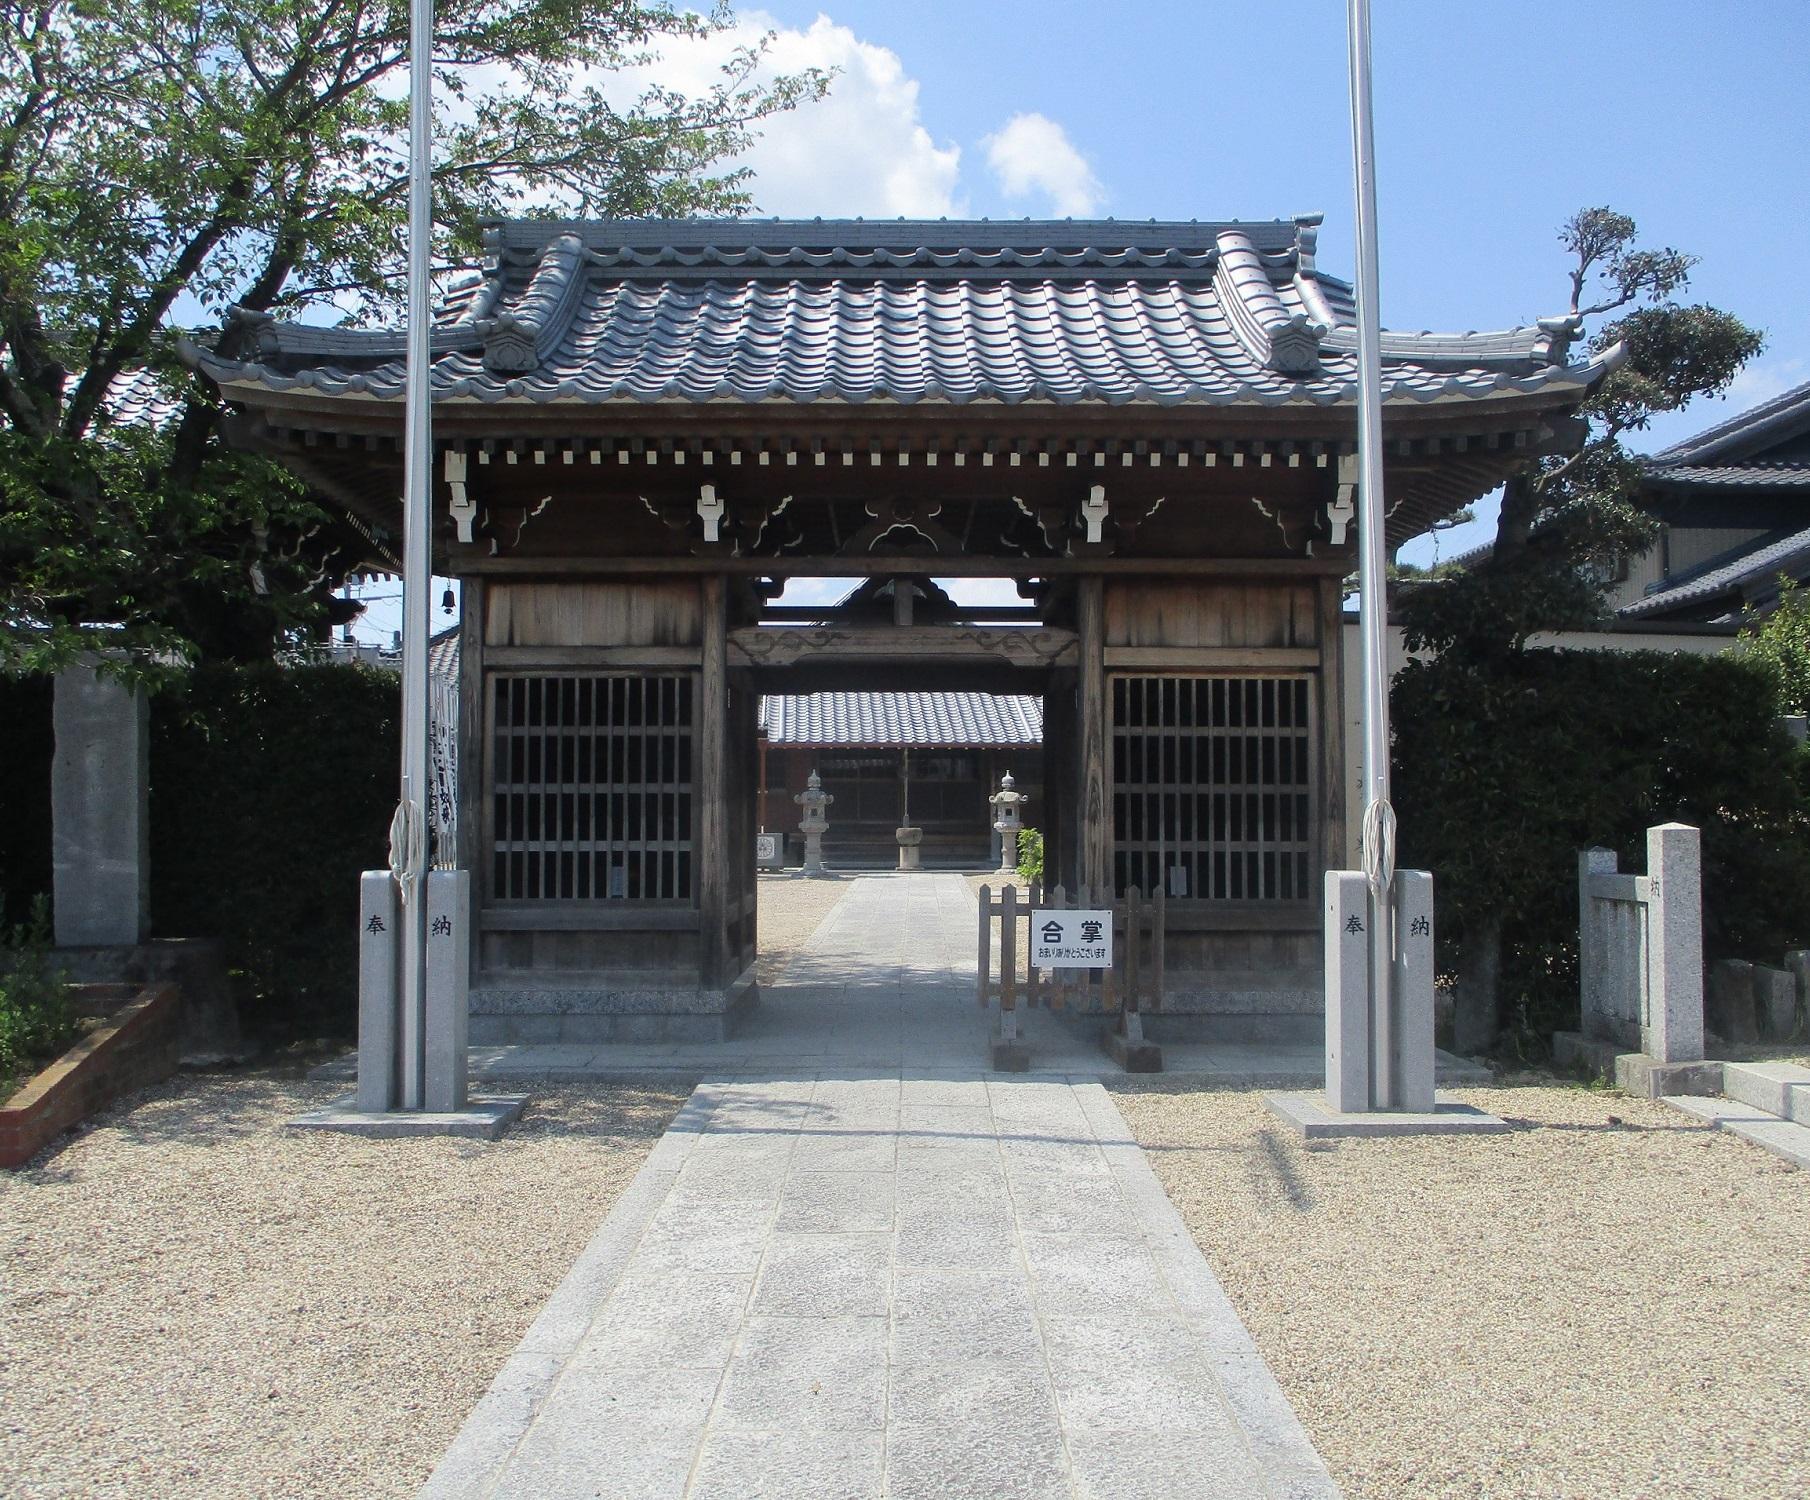 2020.4.28 (3) 法性寺 - 山門 1810-1500